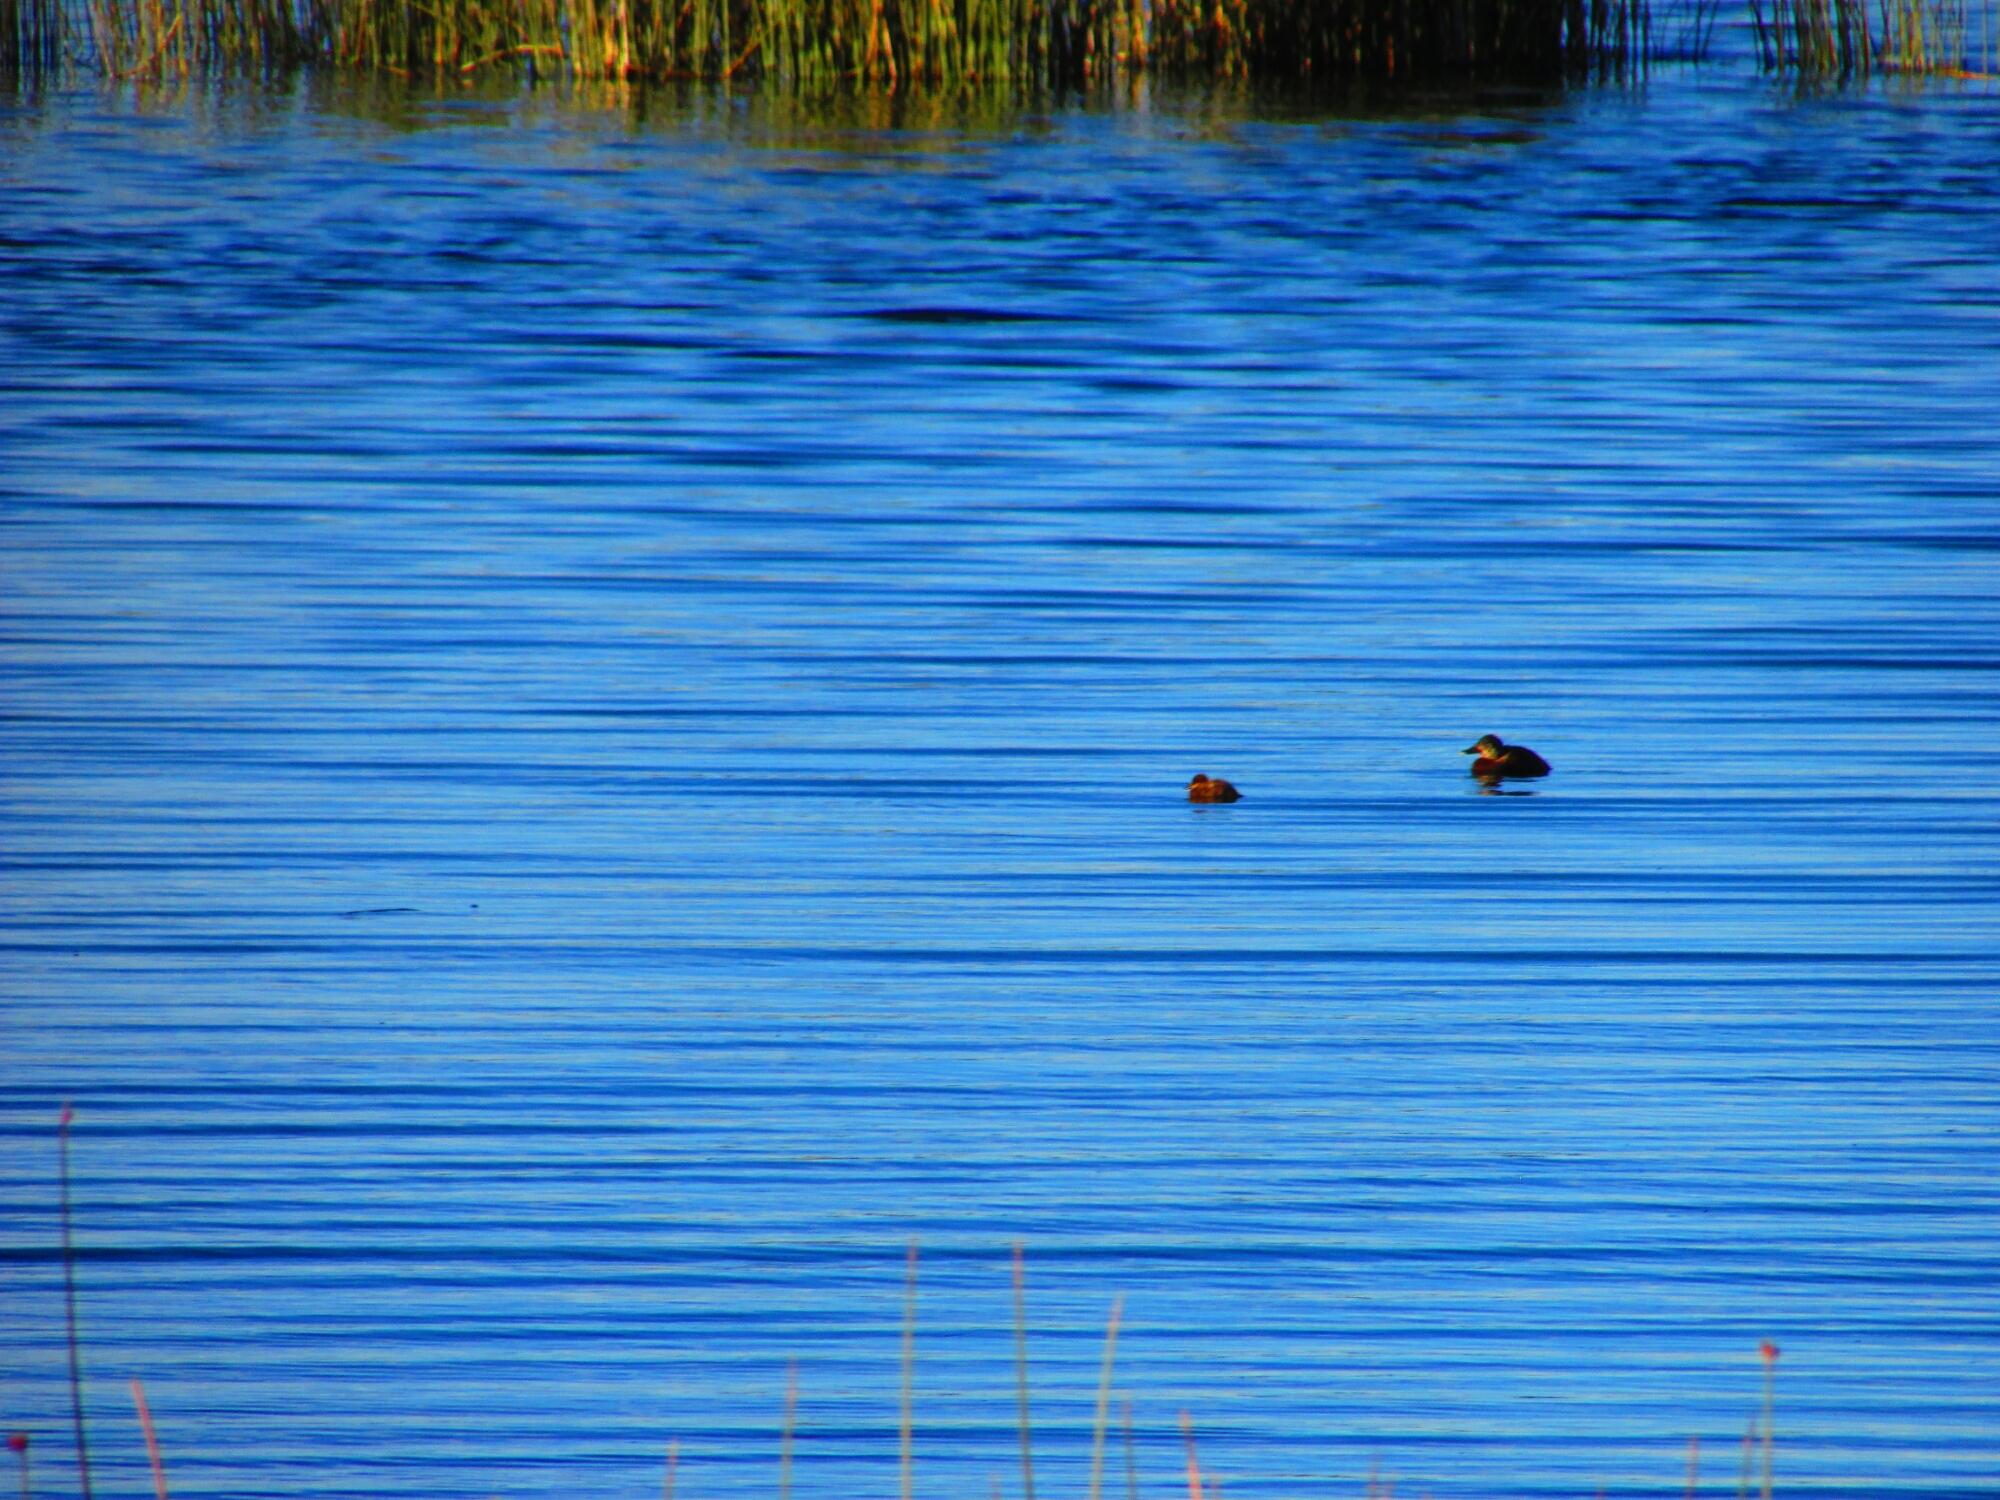 el tranquilo y relajante lago Titicaca con el junco de fondo